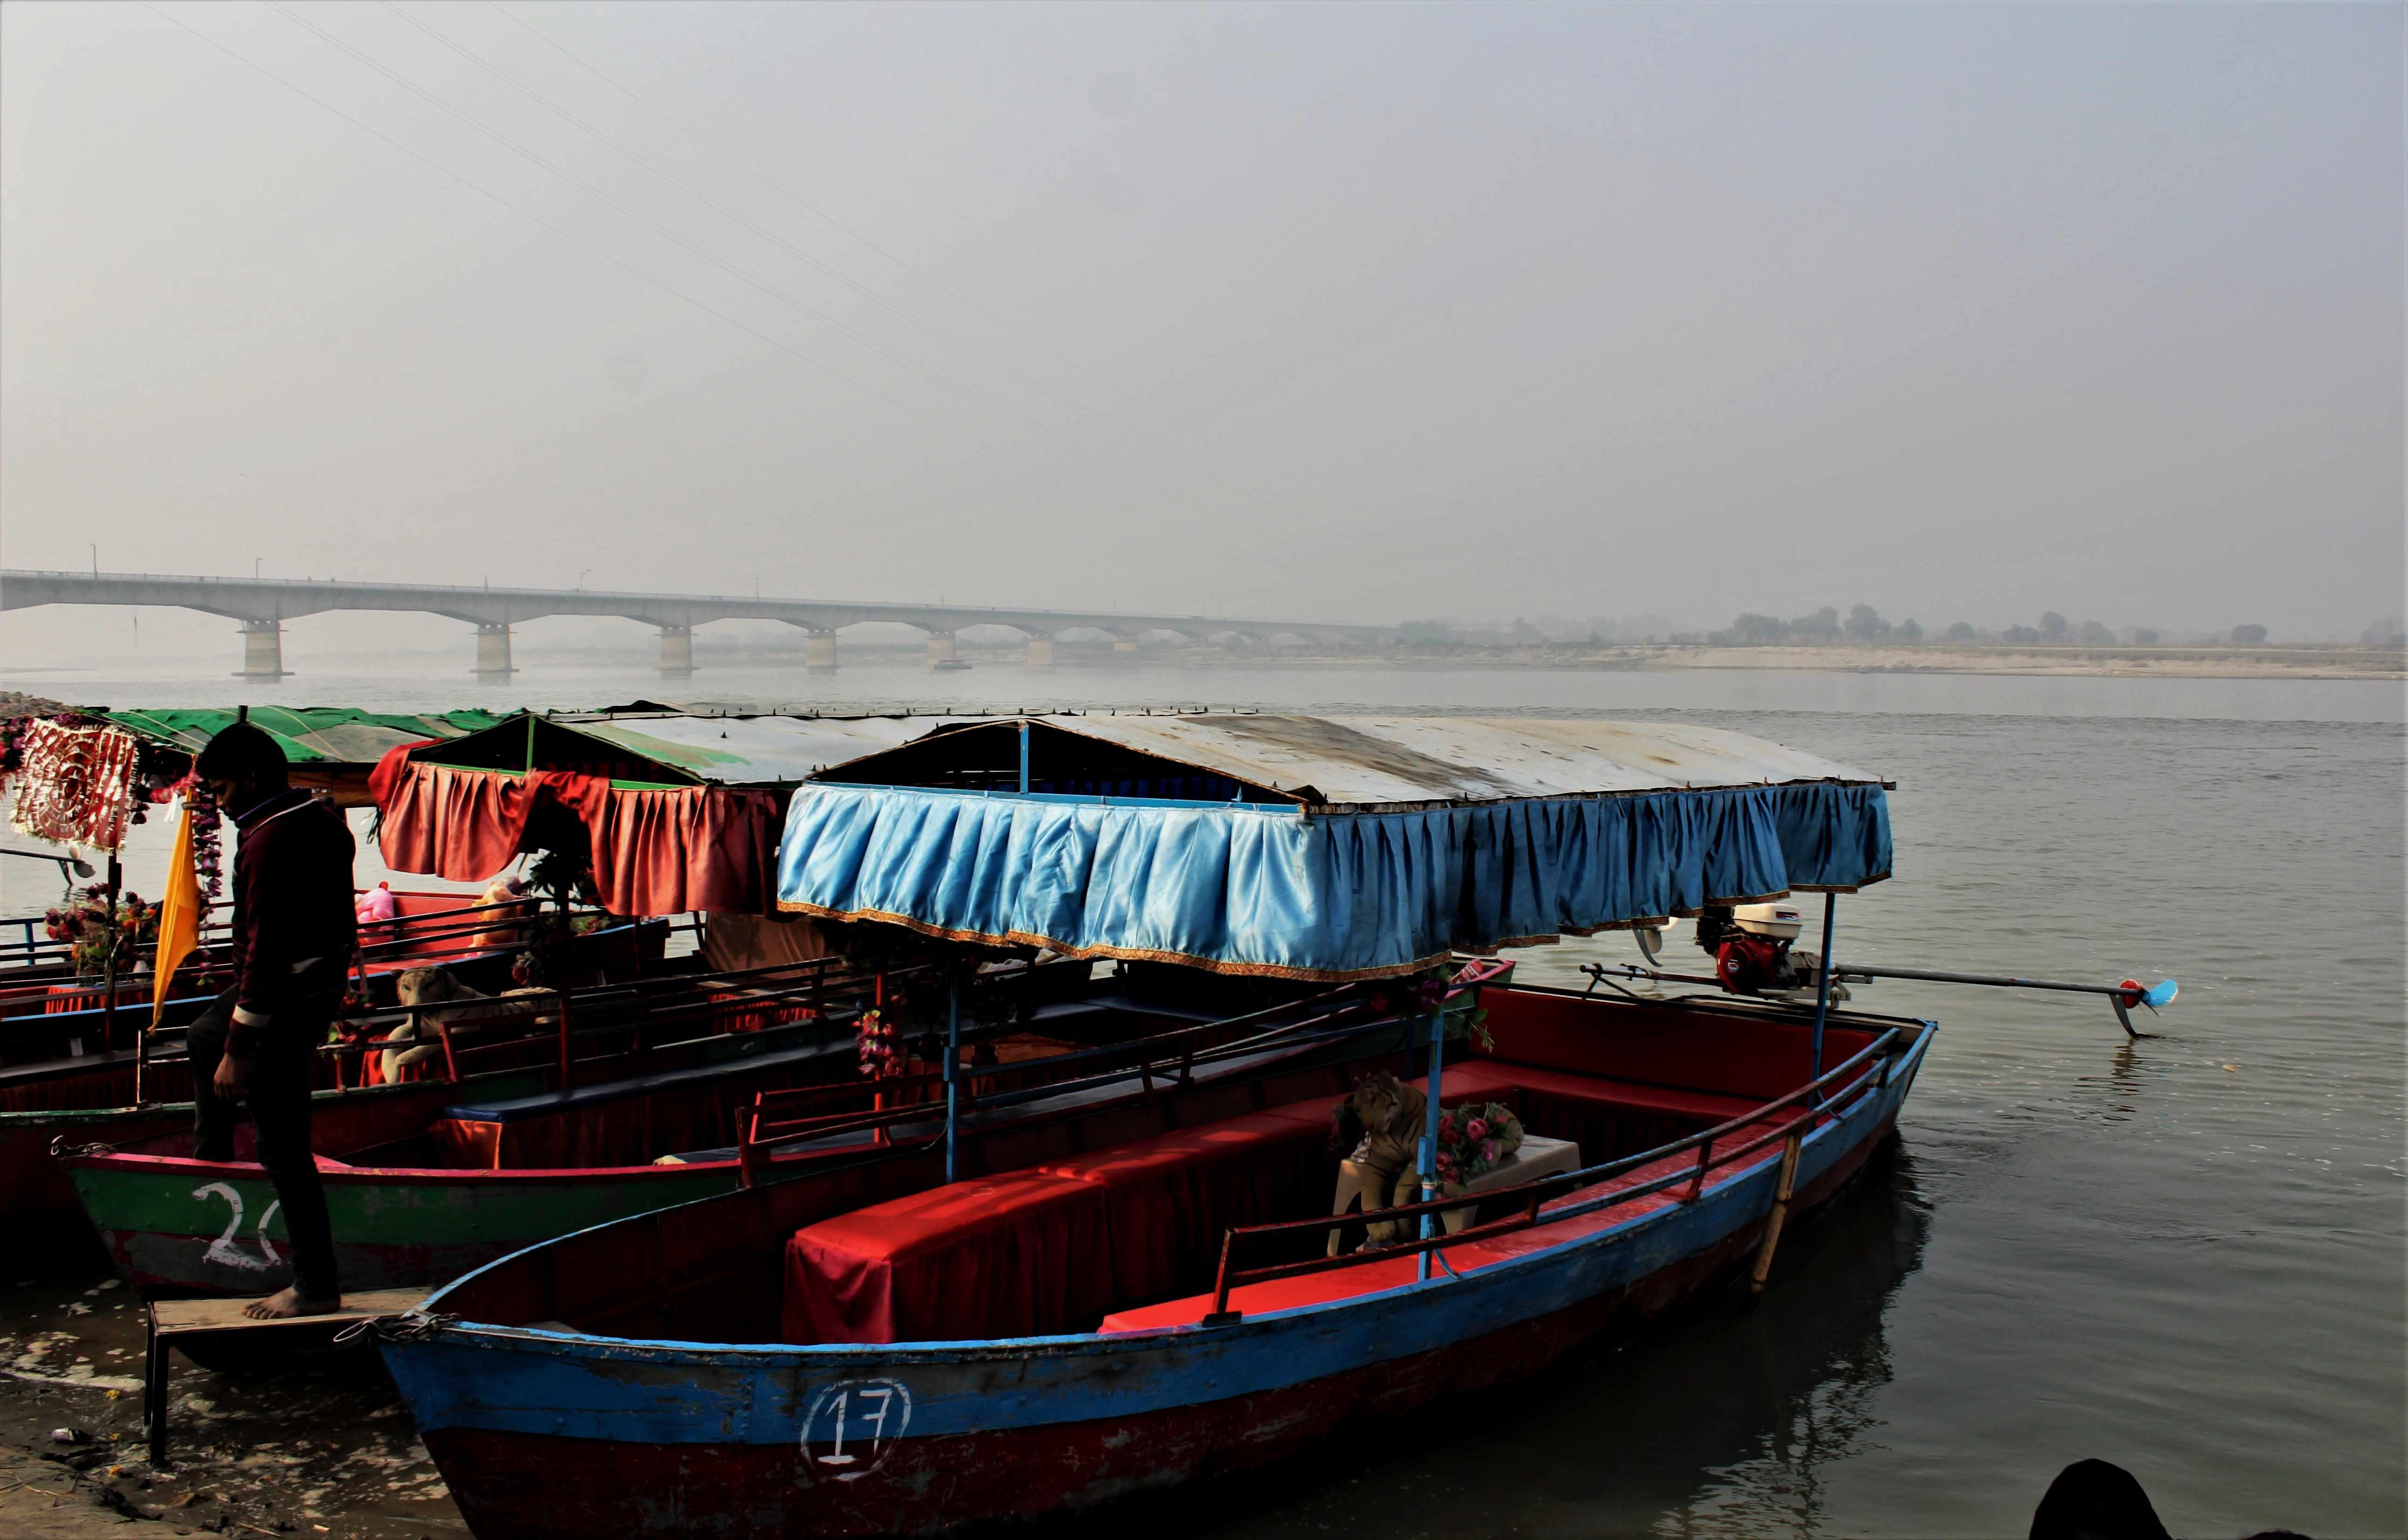 The Sarayu river